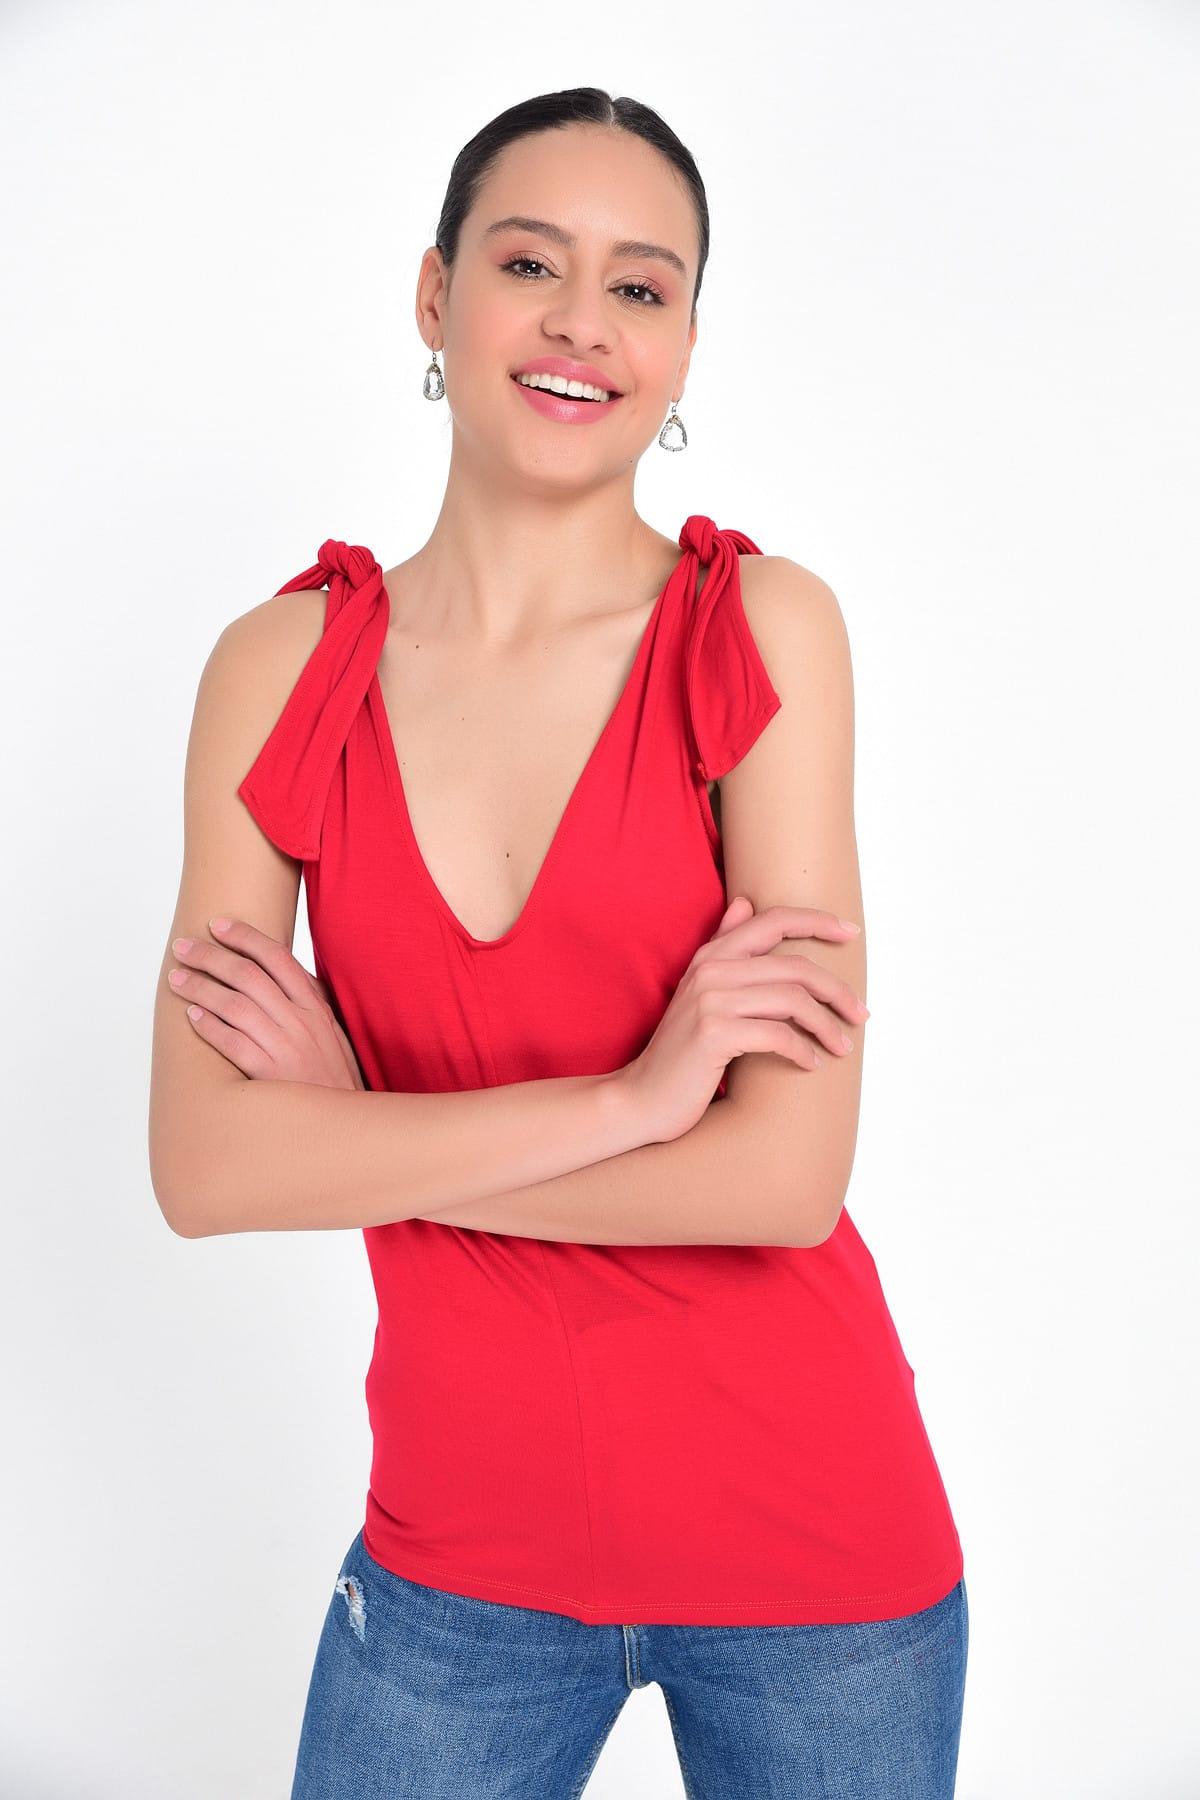 Hanna's by Hanna Darsa Kadın Kırmızı Omuzdan Fiyonk Bağlamalı Basic Atlet HN1820 2